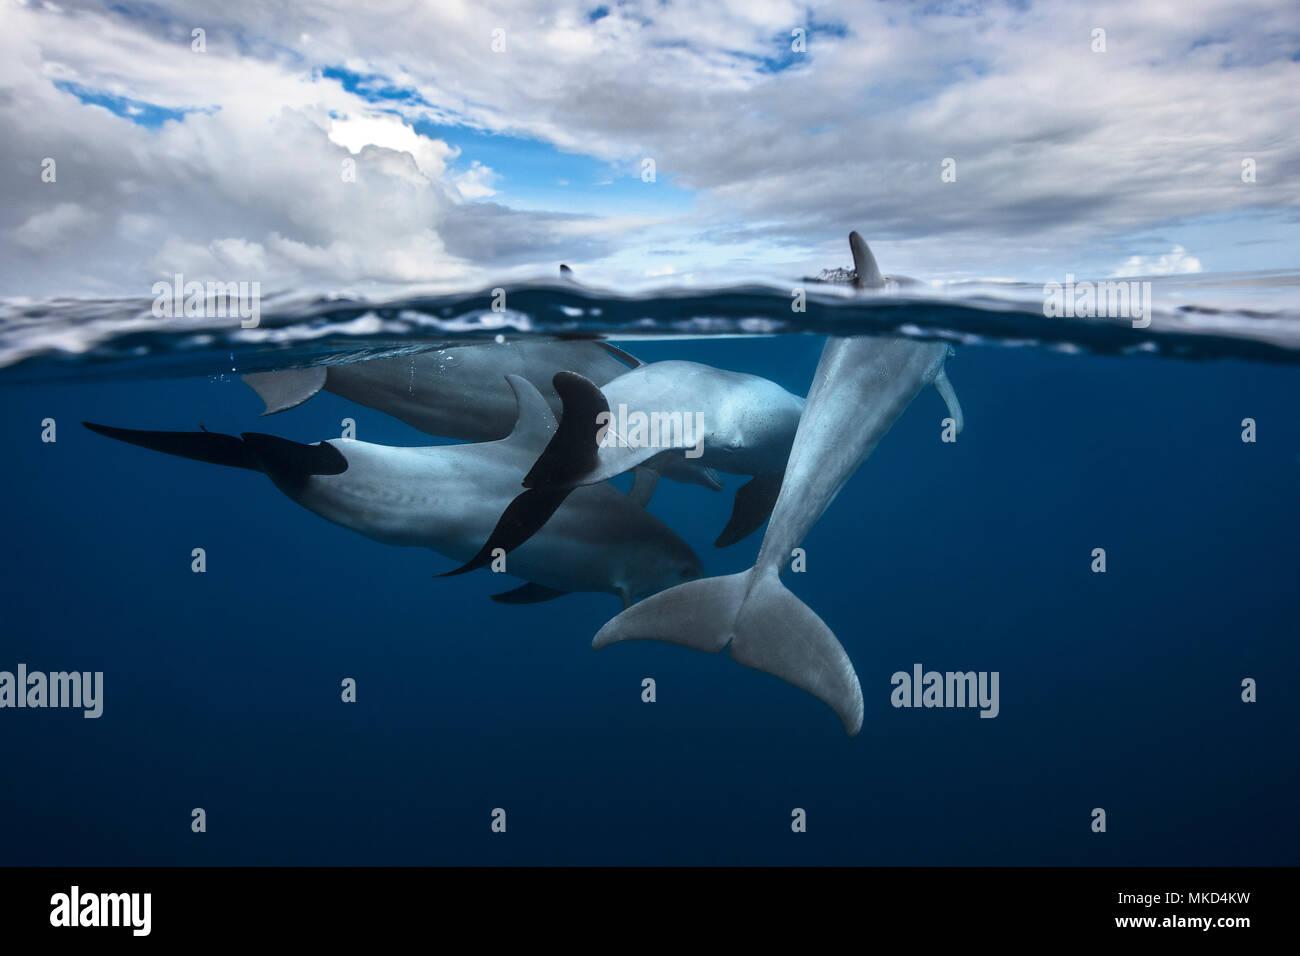 Oceano Indiano tursiope (Tursiops aduncus) socializzazione nella laguna, Mayotte, Oceano Indiano Immagini Stock